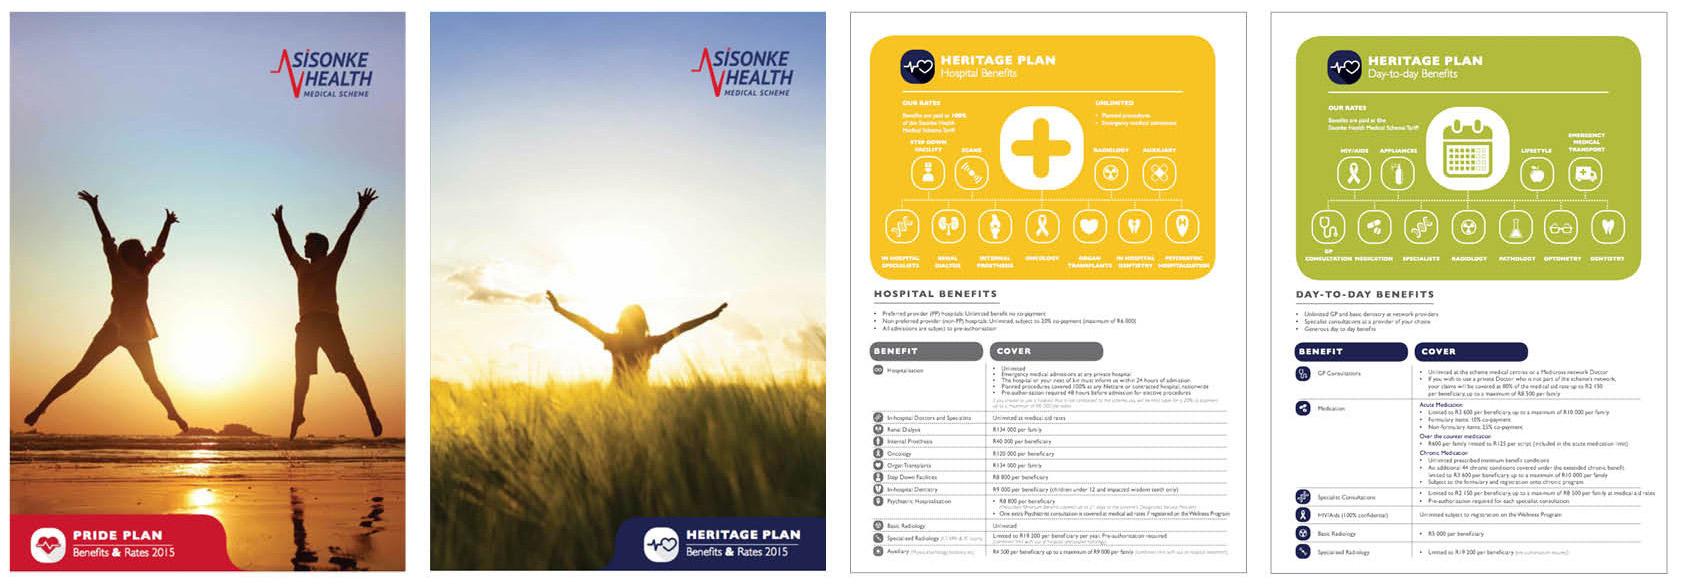 Plan-brochures1